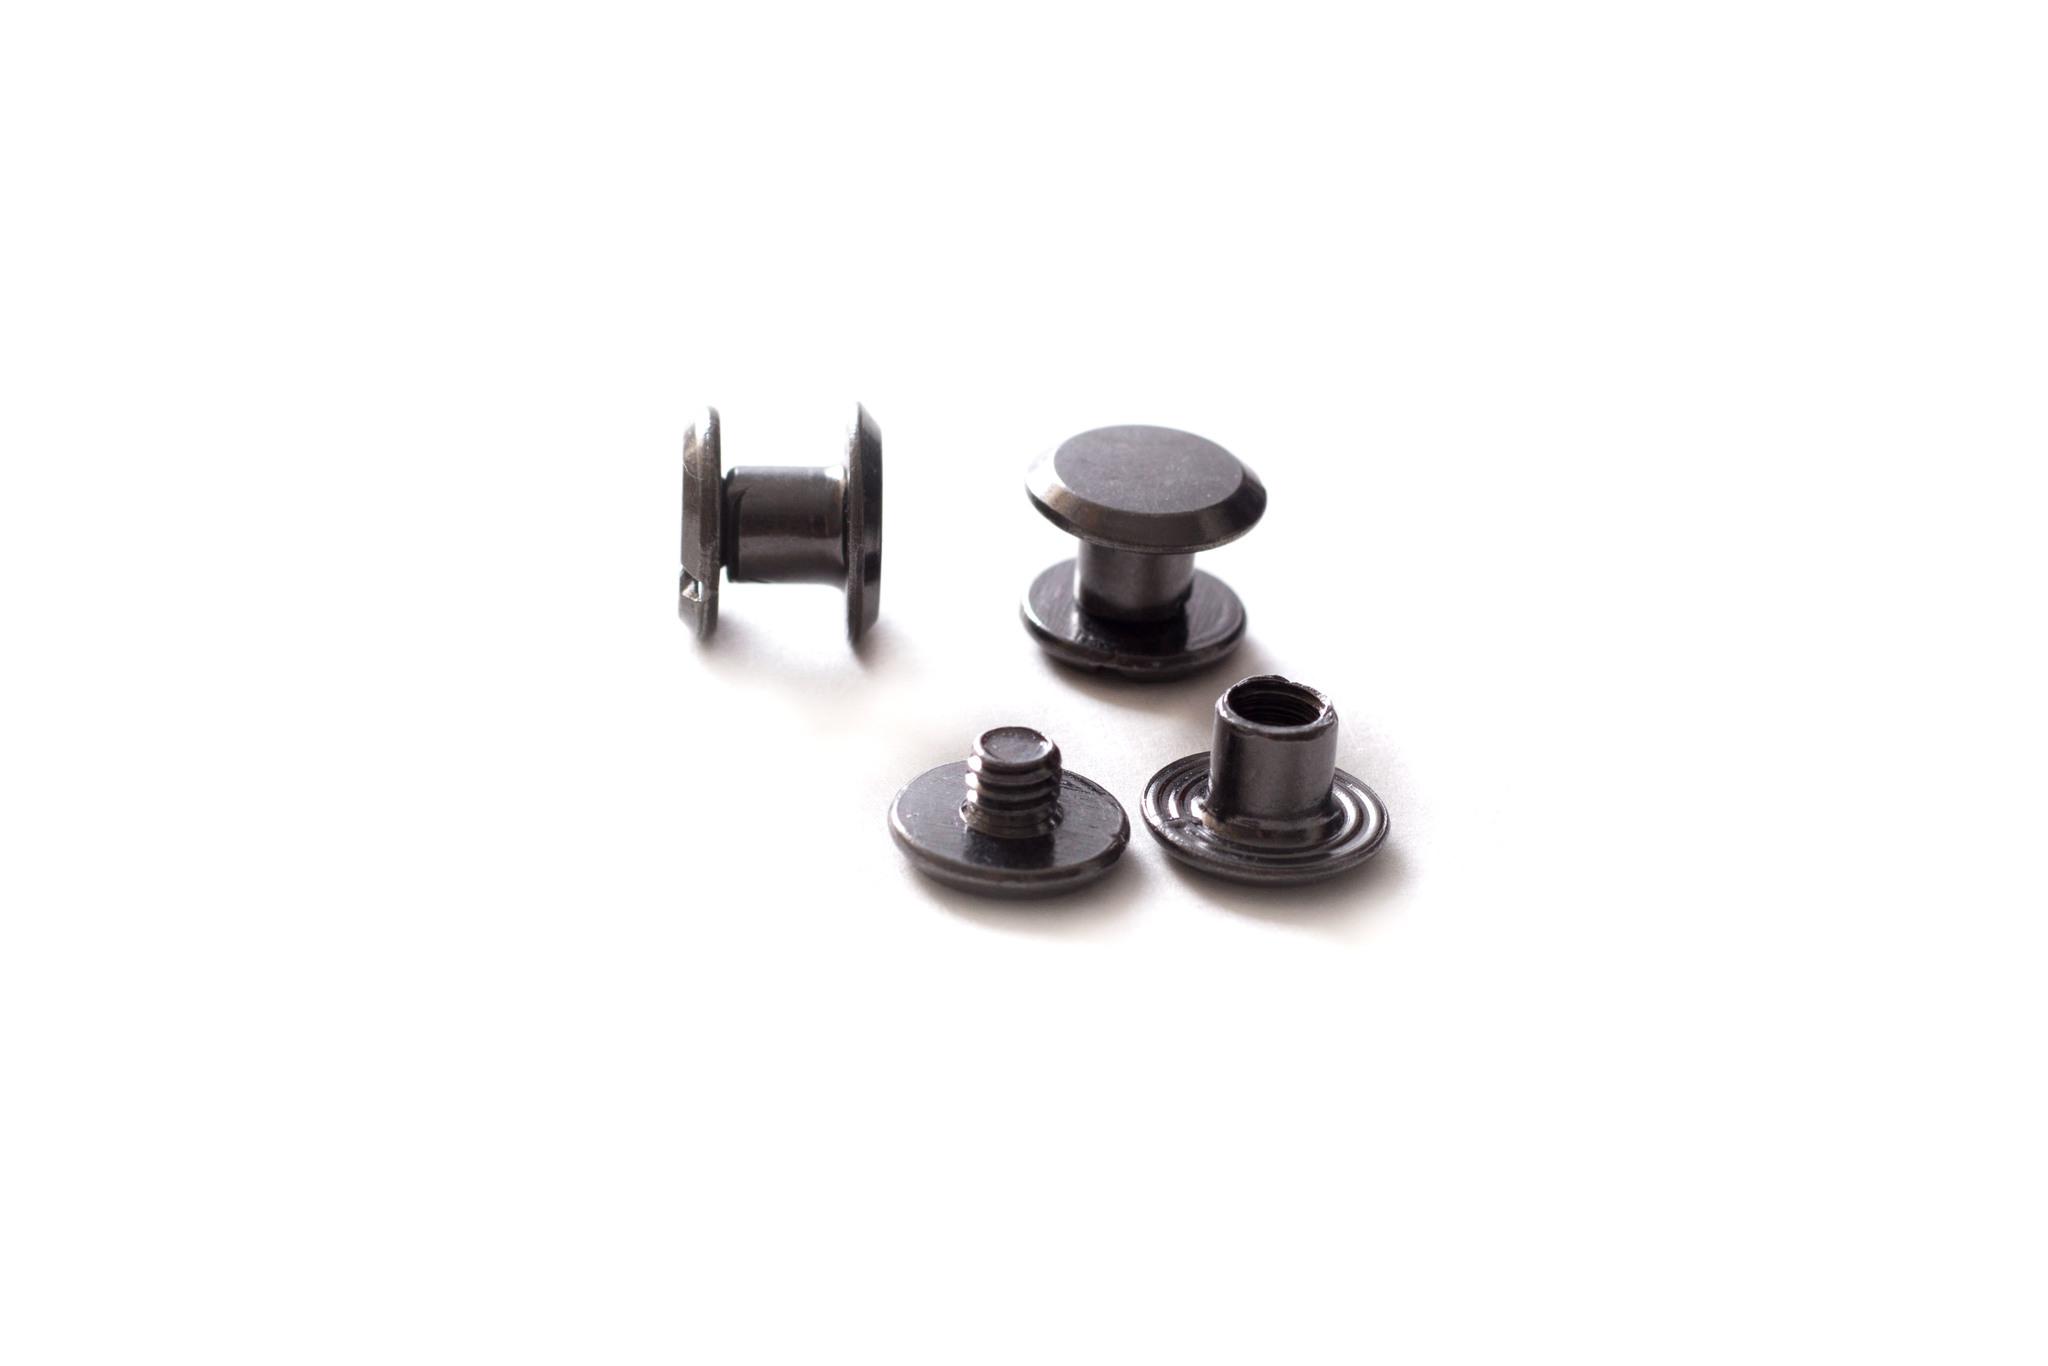 Хольнитен винтовой h-5 мм, темный никель